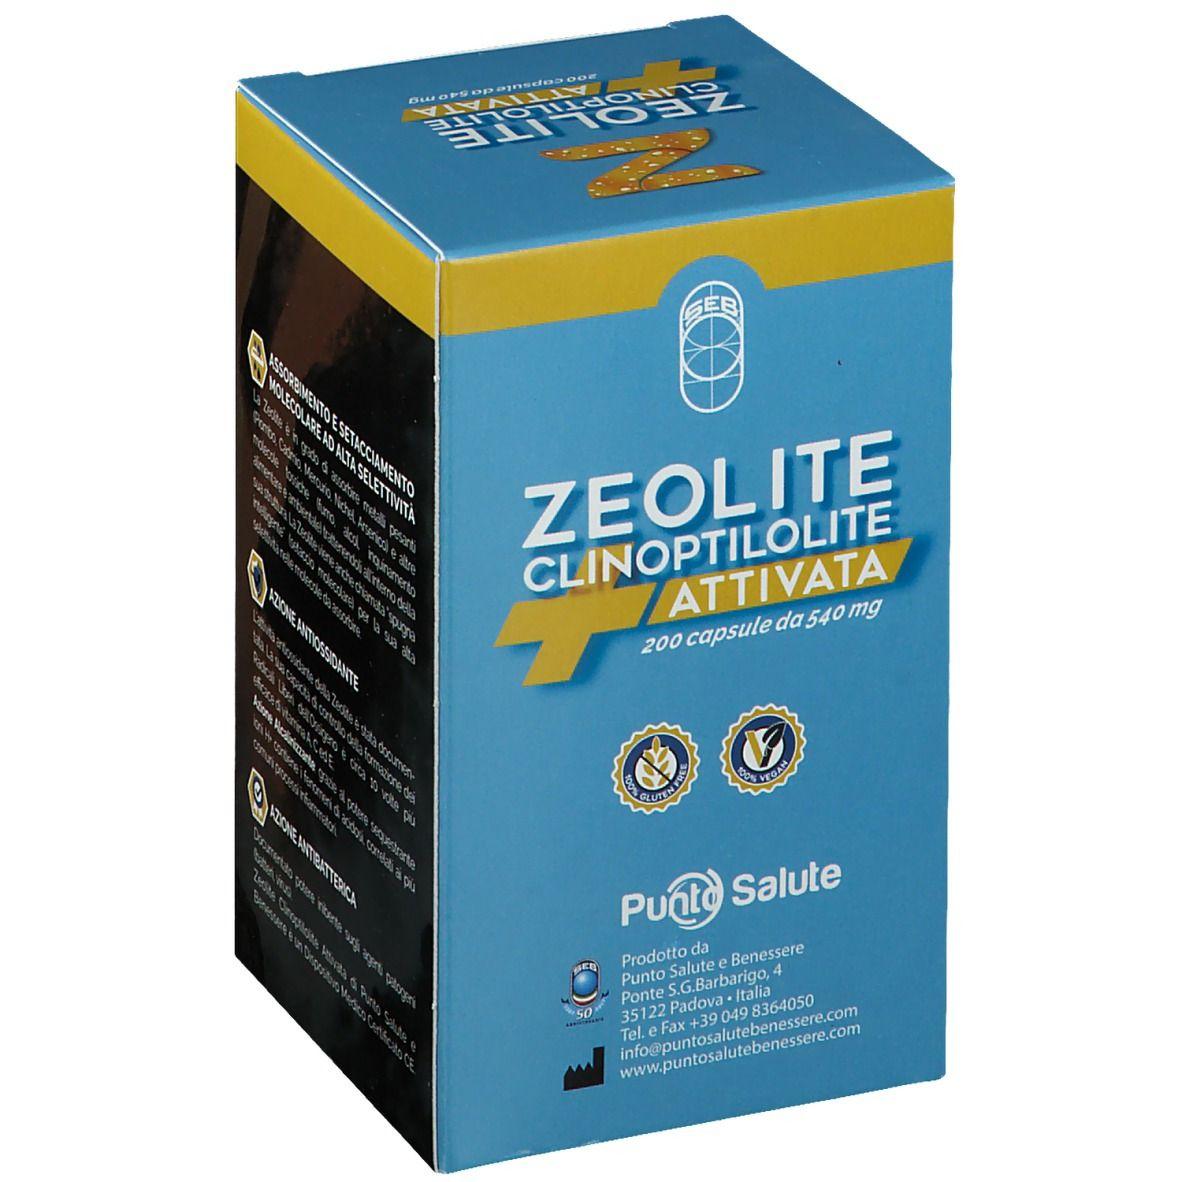 Zeolite Clinoptilolite Attivata 200 Capsule Da 540 Mg 108 G Shop Farmacia It